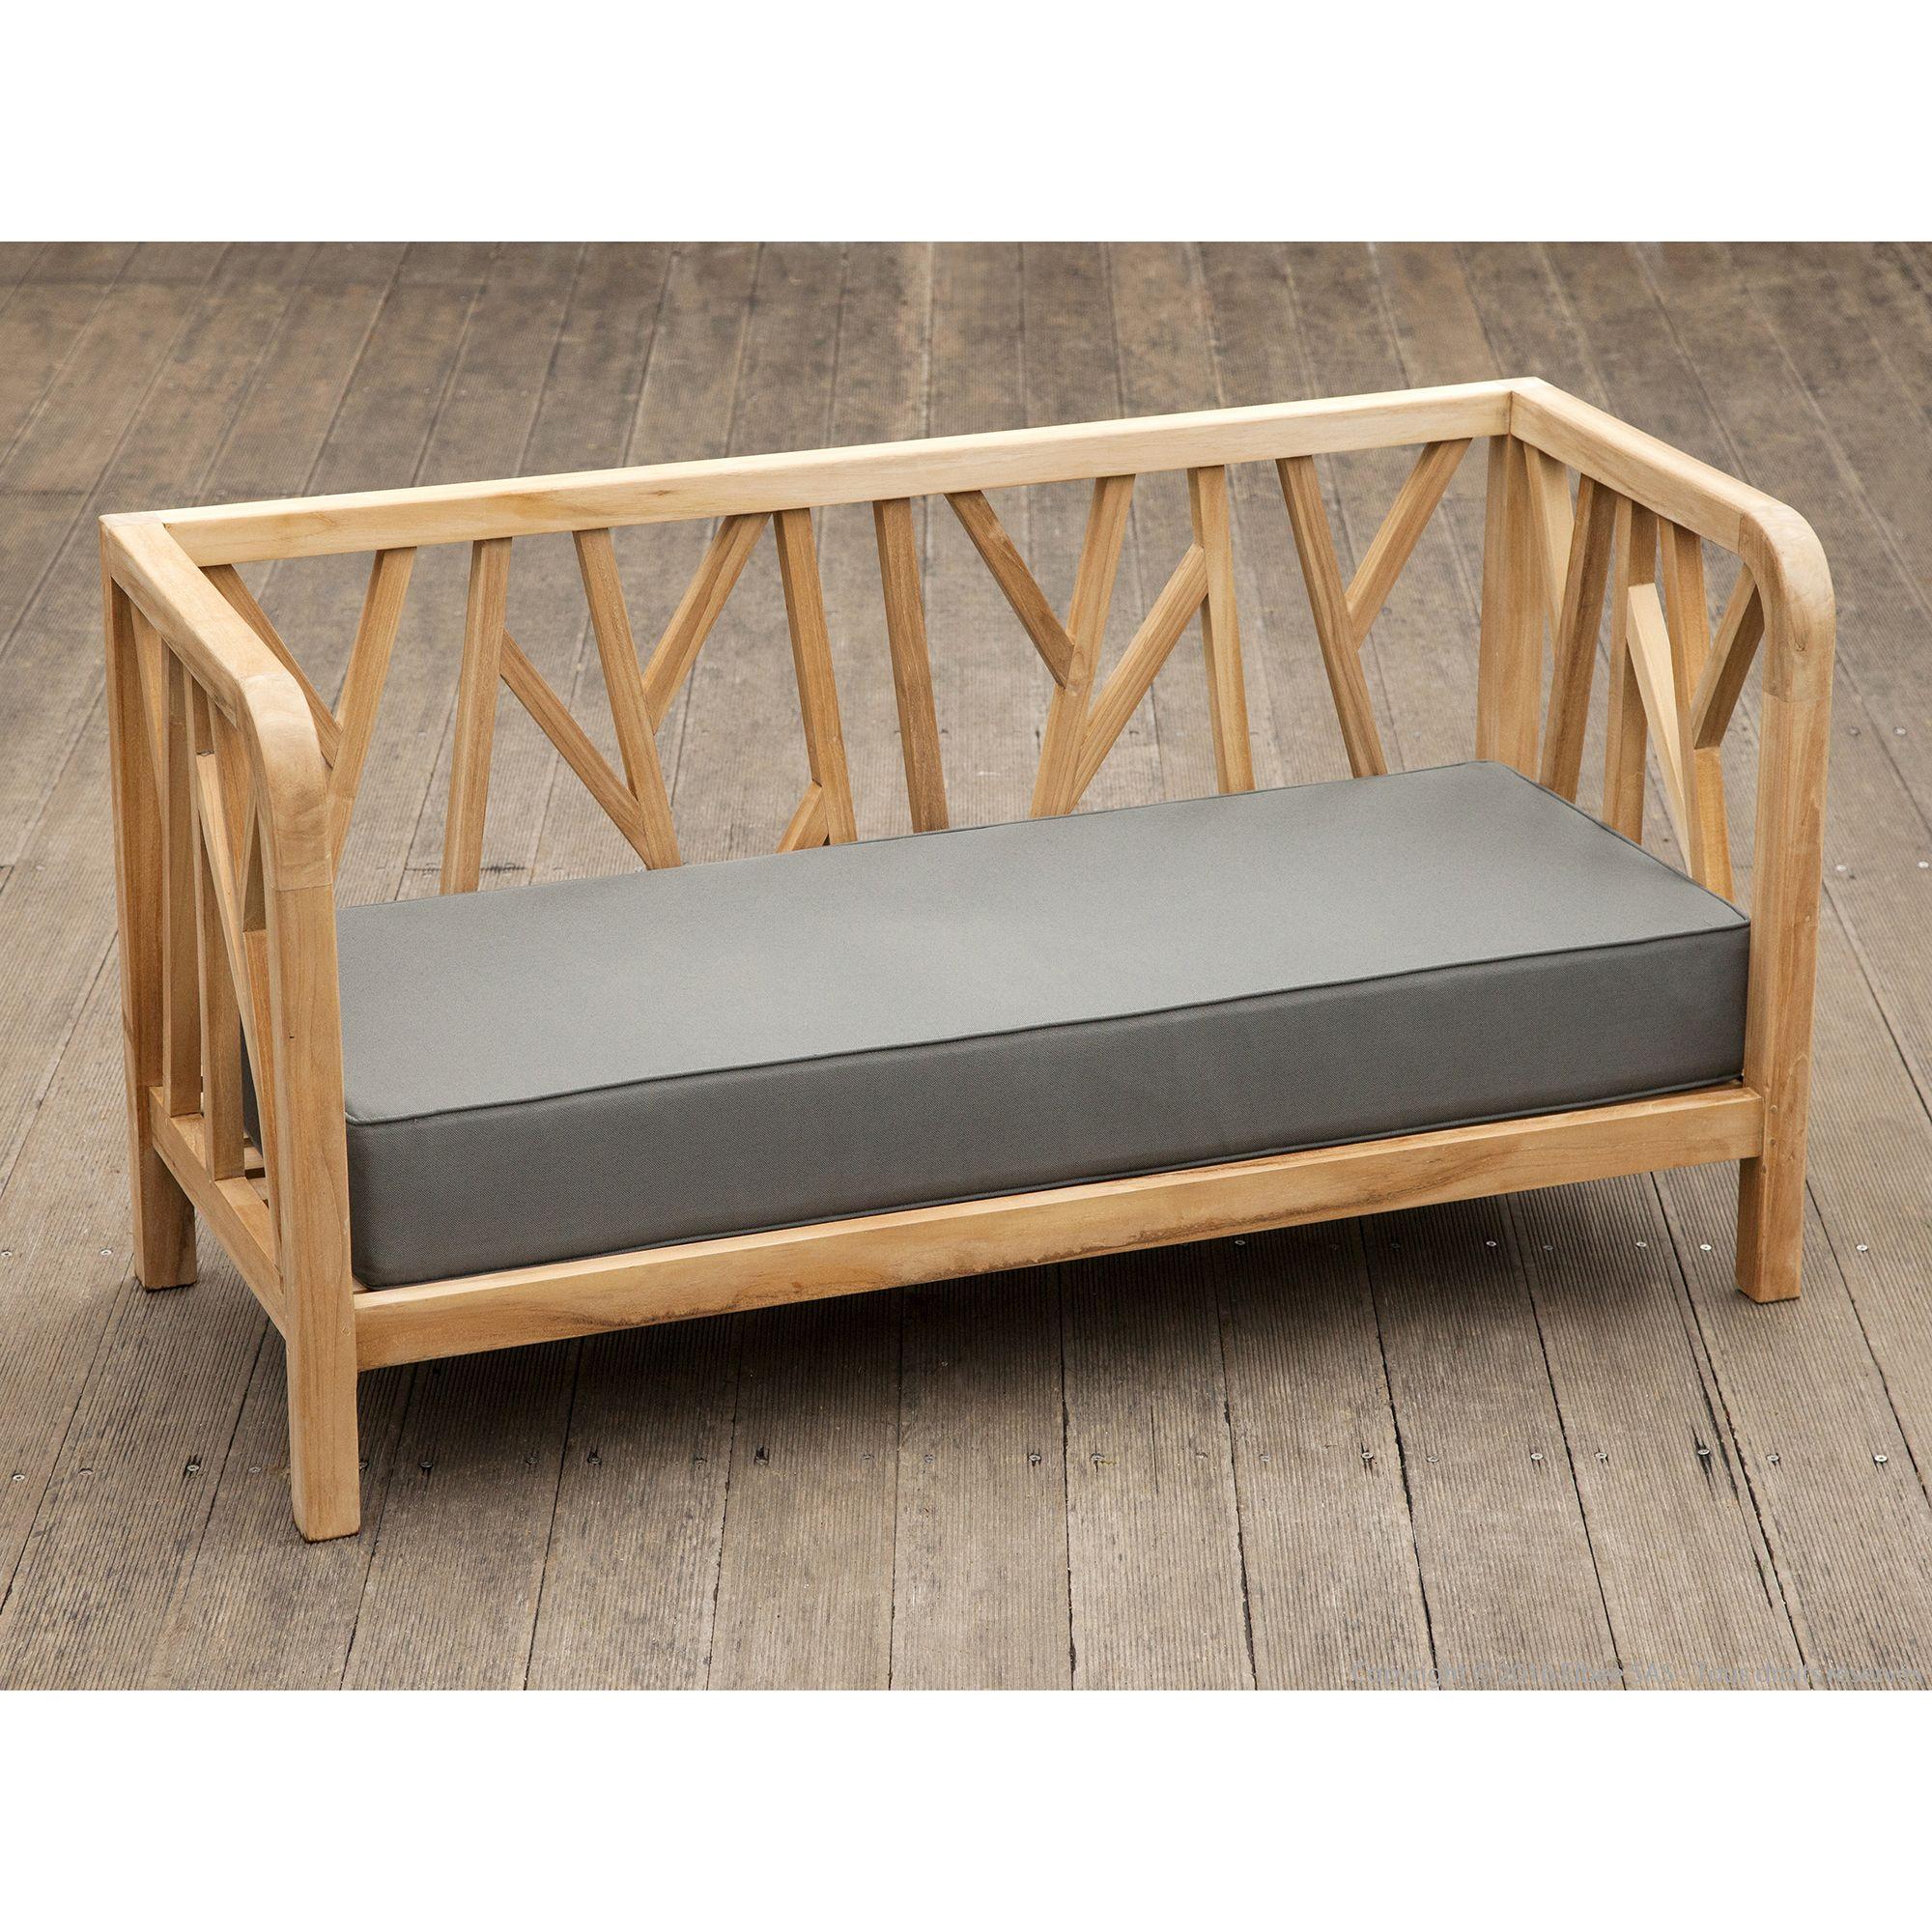 Canapé de jardin Teck Brut longueur 140cm COSTOLA Ermanno G ...